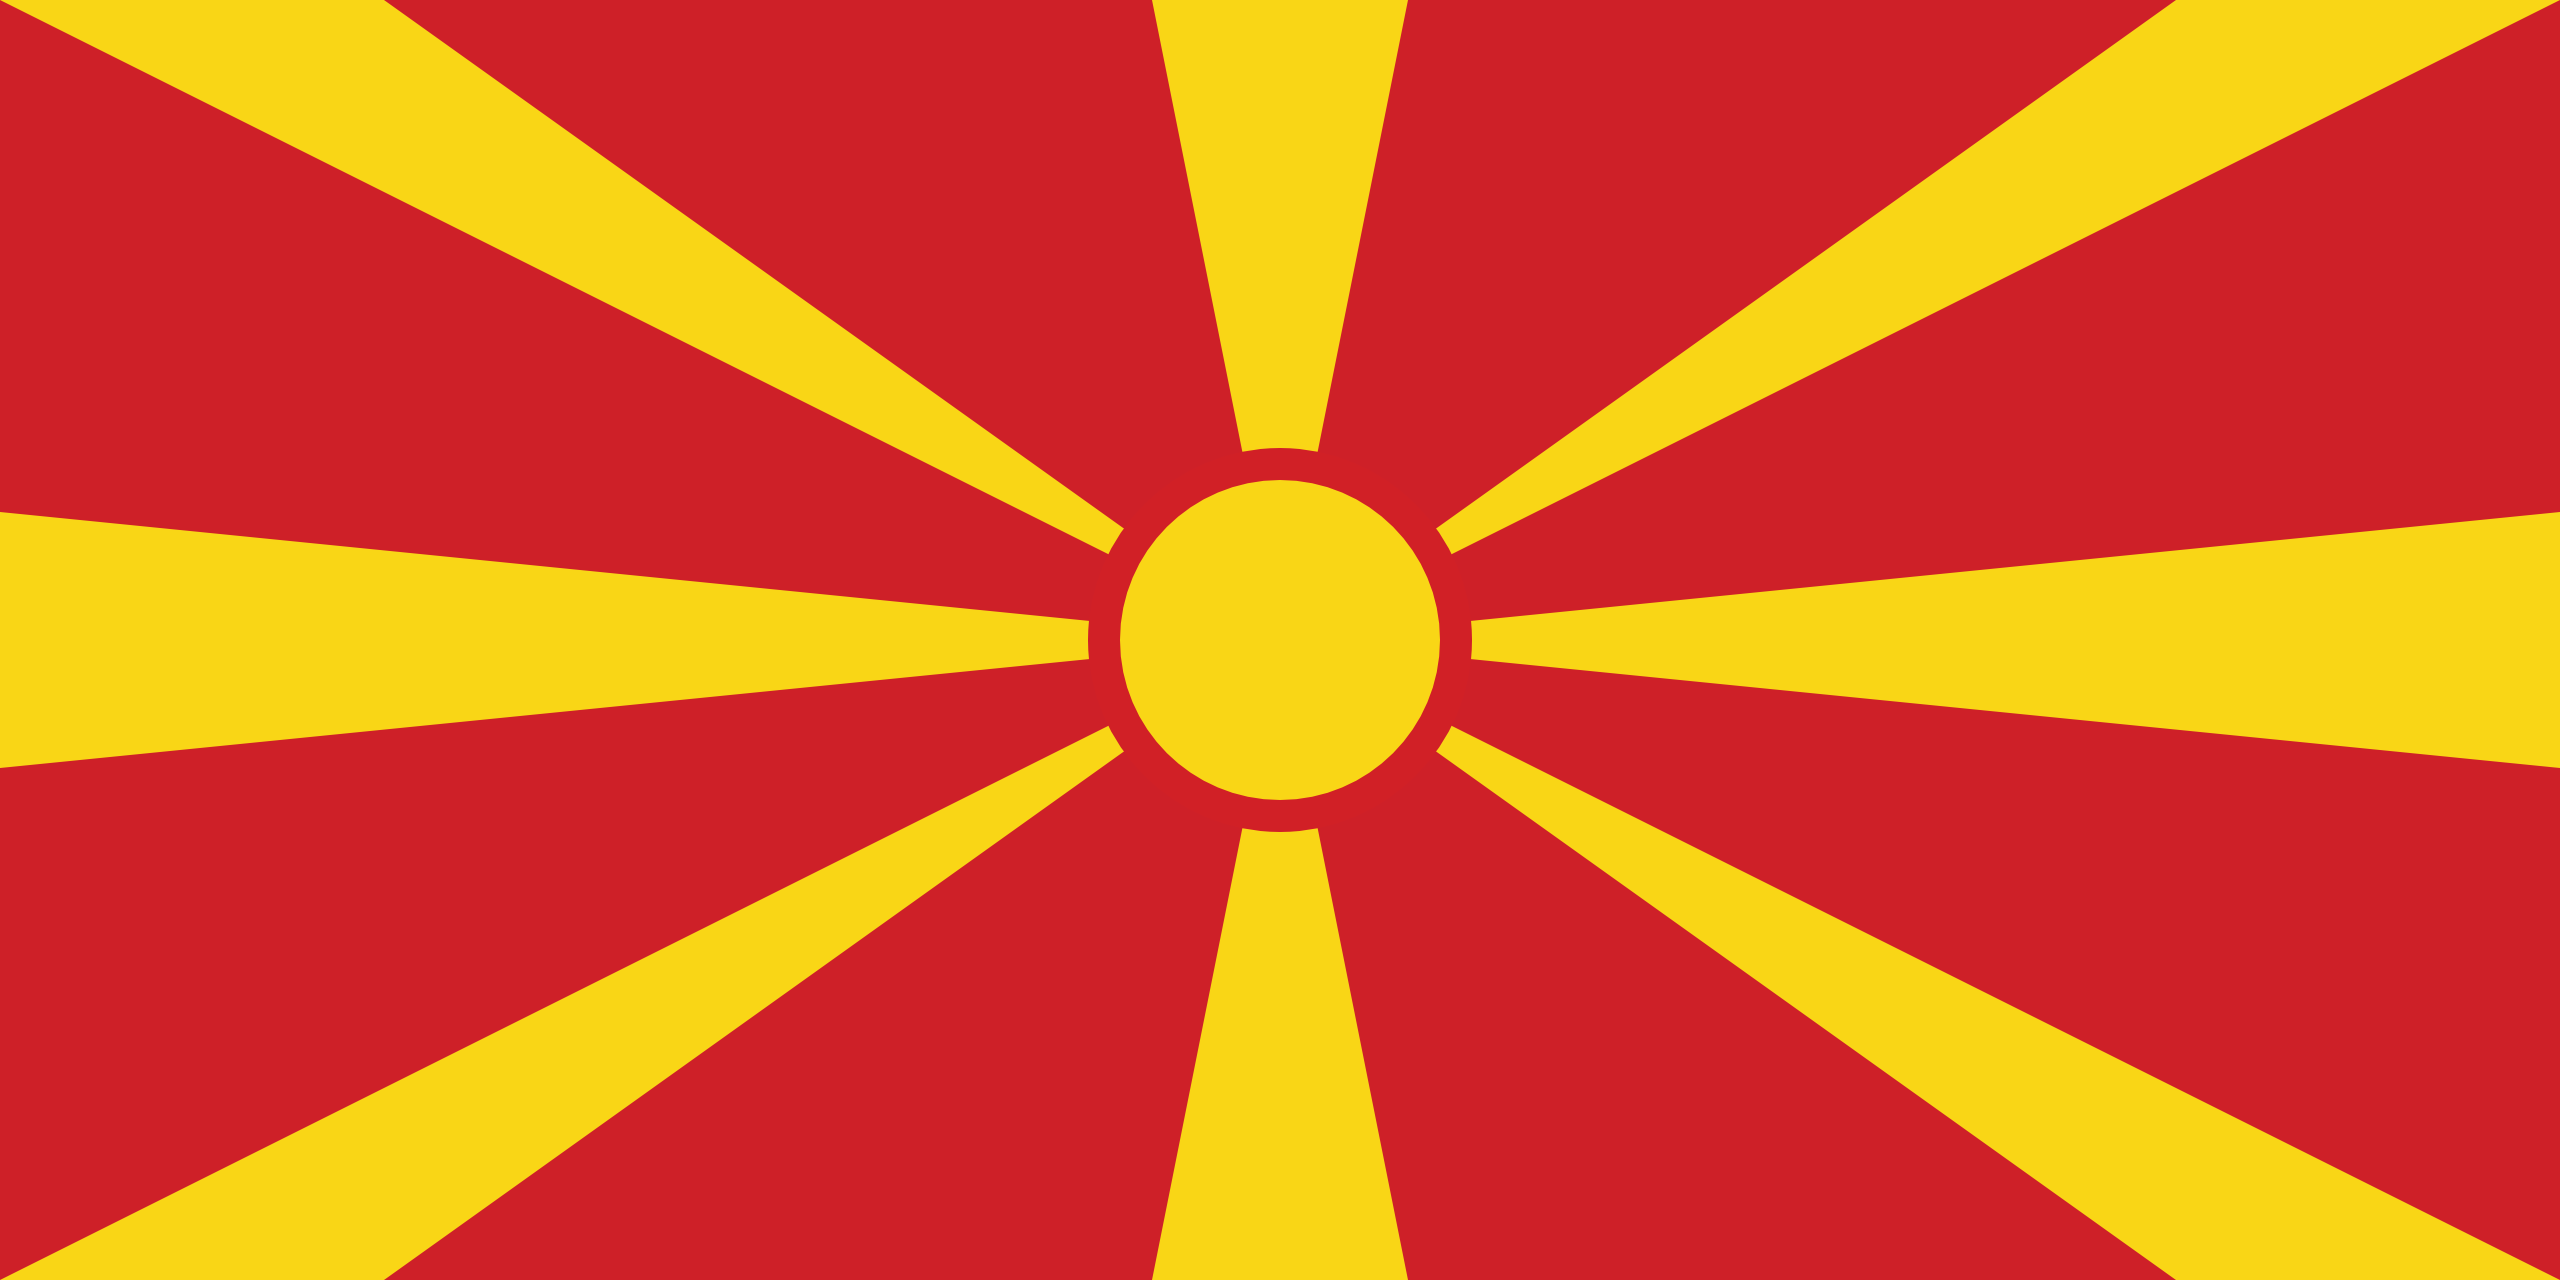 macedonia, país, emblema, insignia, símbolo - Fondos de Pantalla HD - professor-falken.com